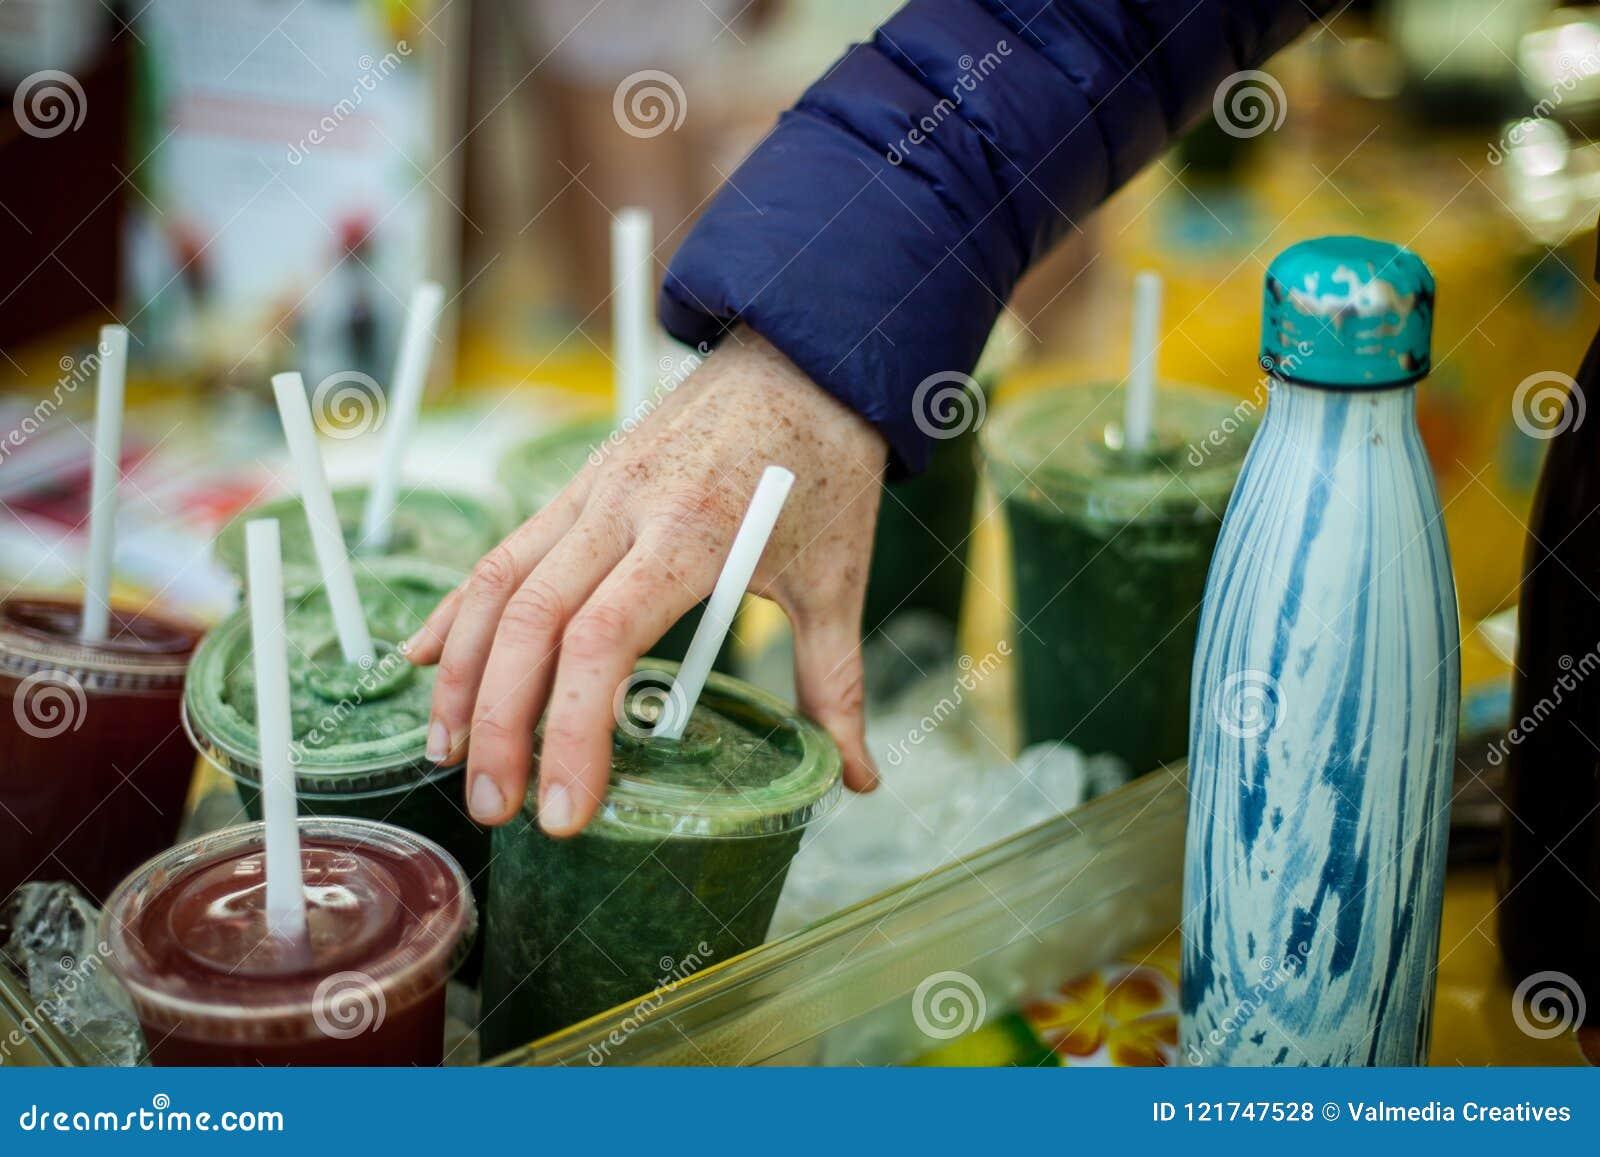 Να μαζεψει με το χέρι επάνω έναν κρύο πράσινο καταφερτζή στην αγορά του αγρότη